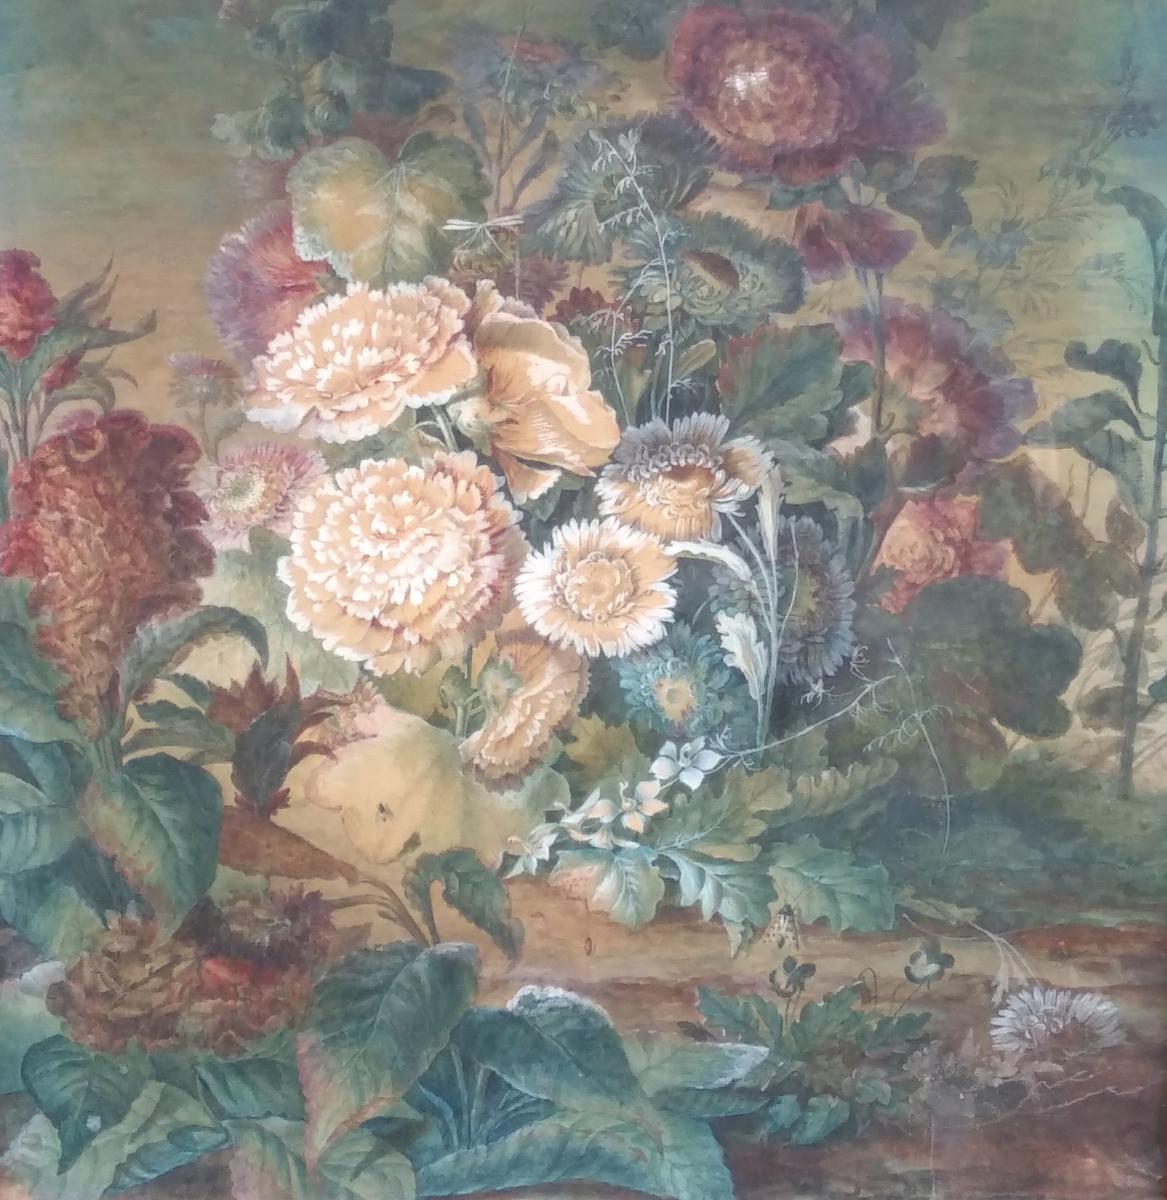 Paire De Natures-mortes d'Anne Brettingham De Carle, XVIIIe siècle-photo-3